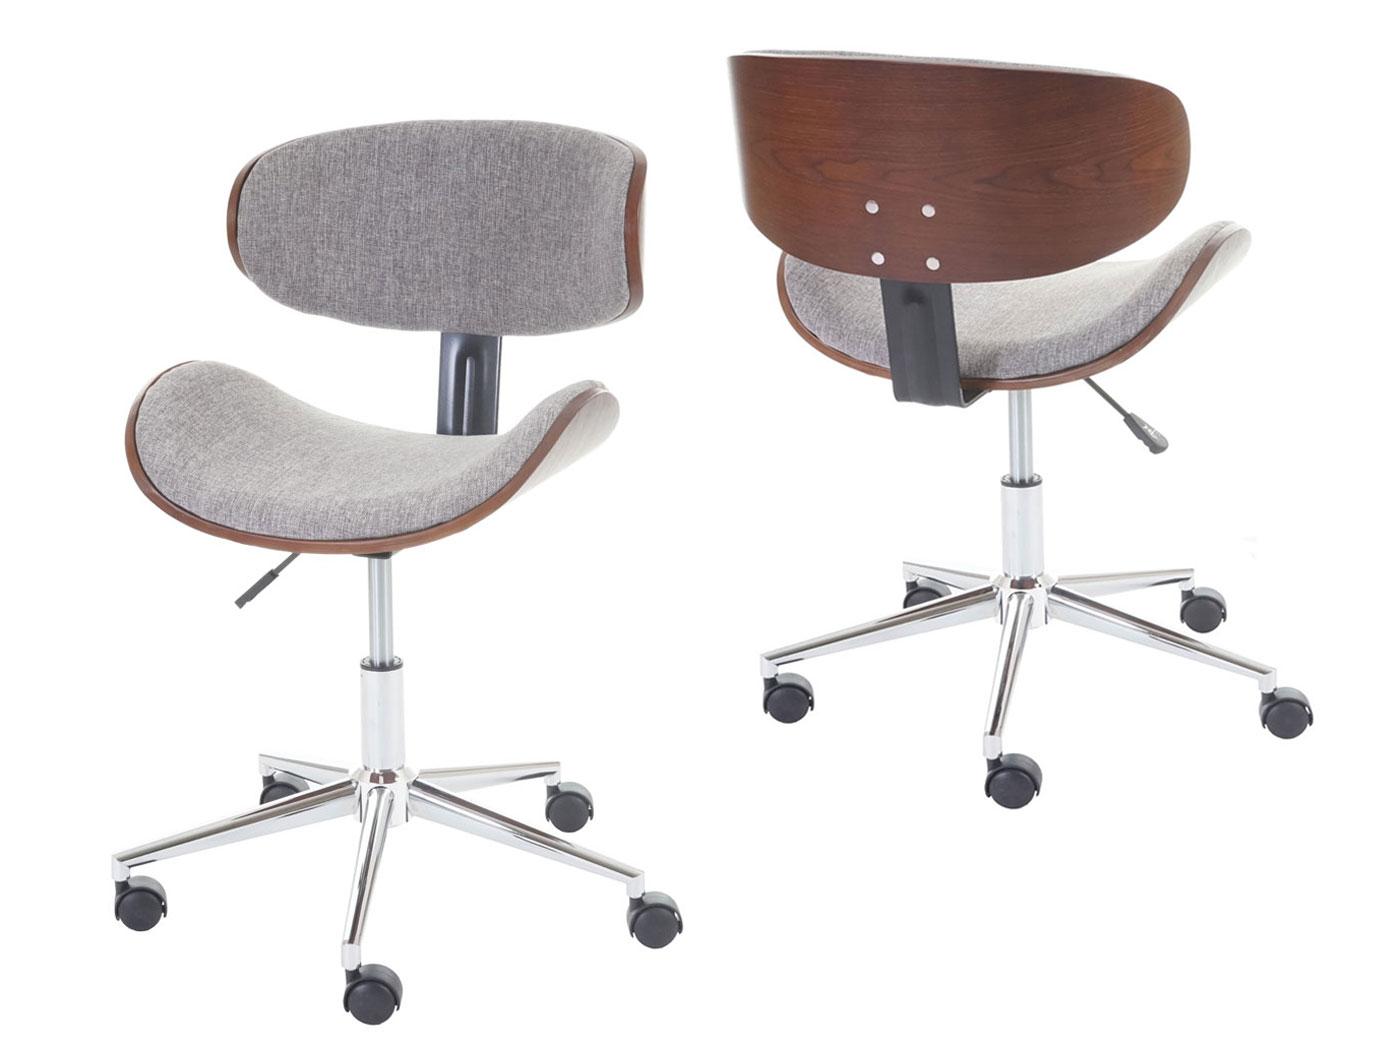 Schreibtischstuhl holz  Schreibtischstuhl Aus Holz dprmodels.com Es geht um Idee, Design ...